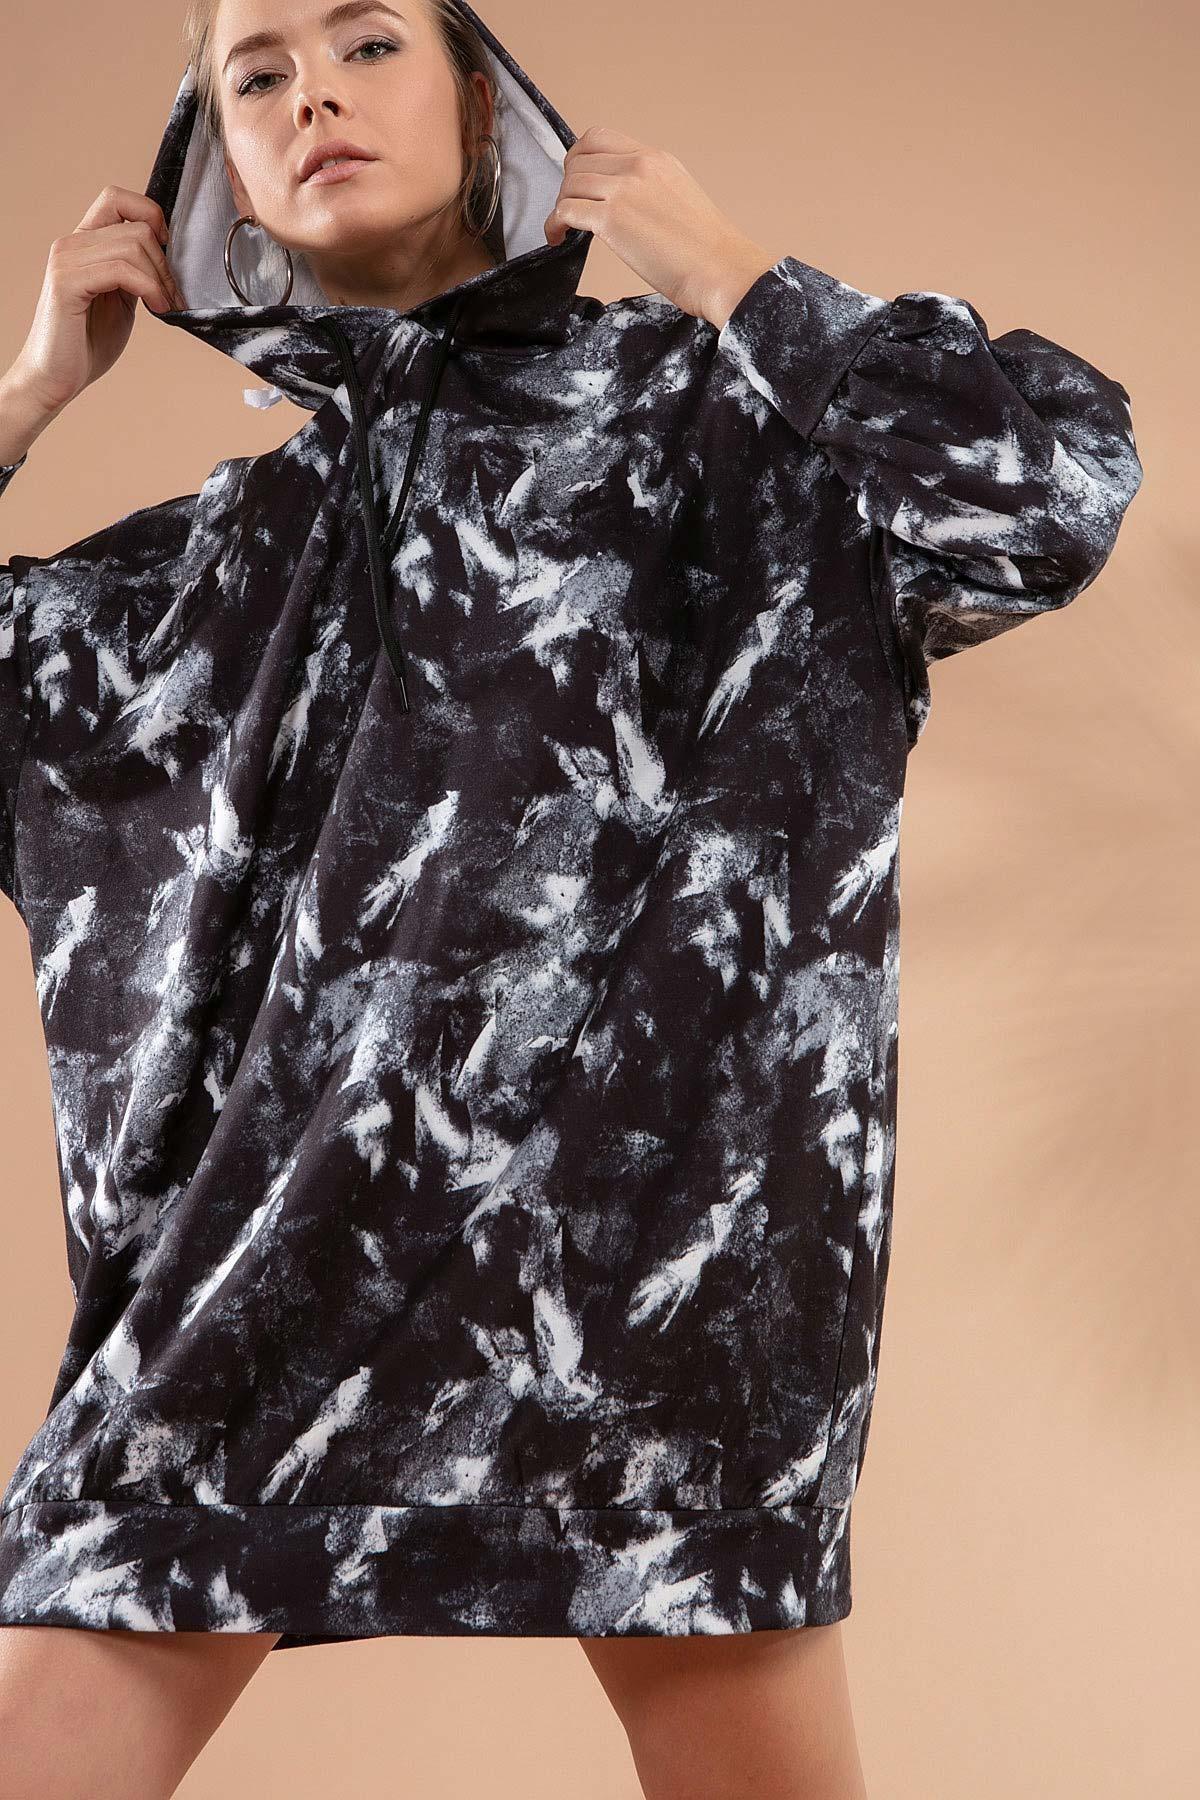 Y-London Kadın Siyah Baskılı Kapşonlu Sweatshirt Elbise P20w-4125-2 1